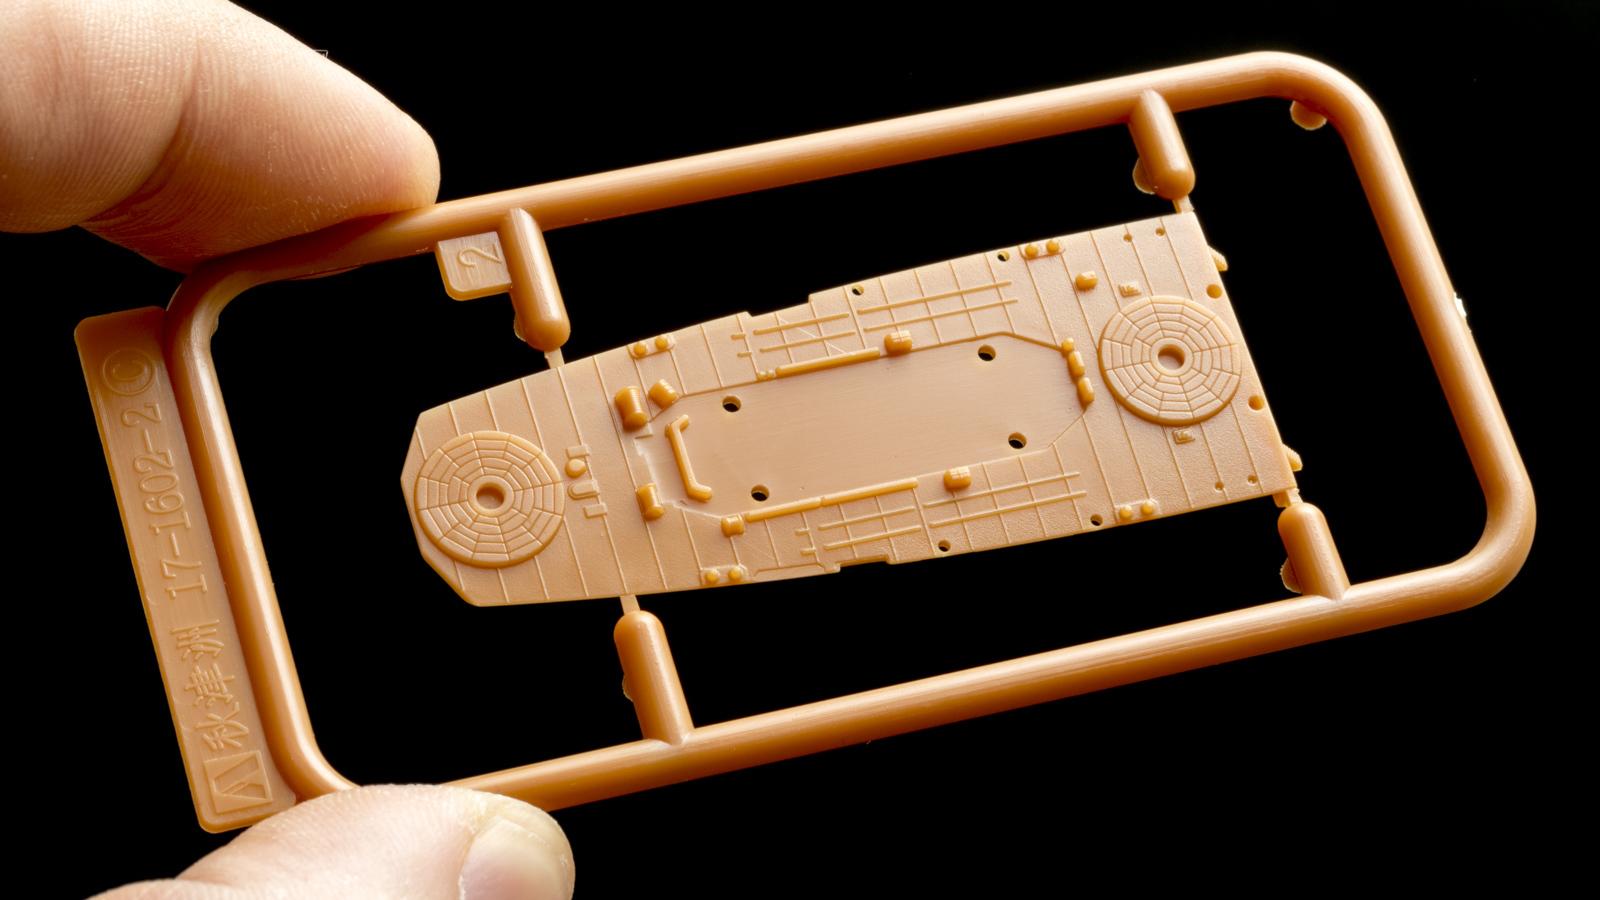 ありがとうアオシマ。1/700秋津洲で考える『艦これ』のありがたみ_b0029315_23034305.jpg